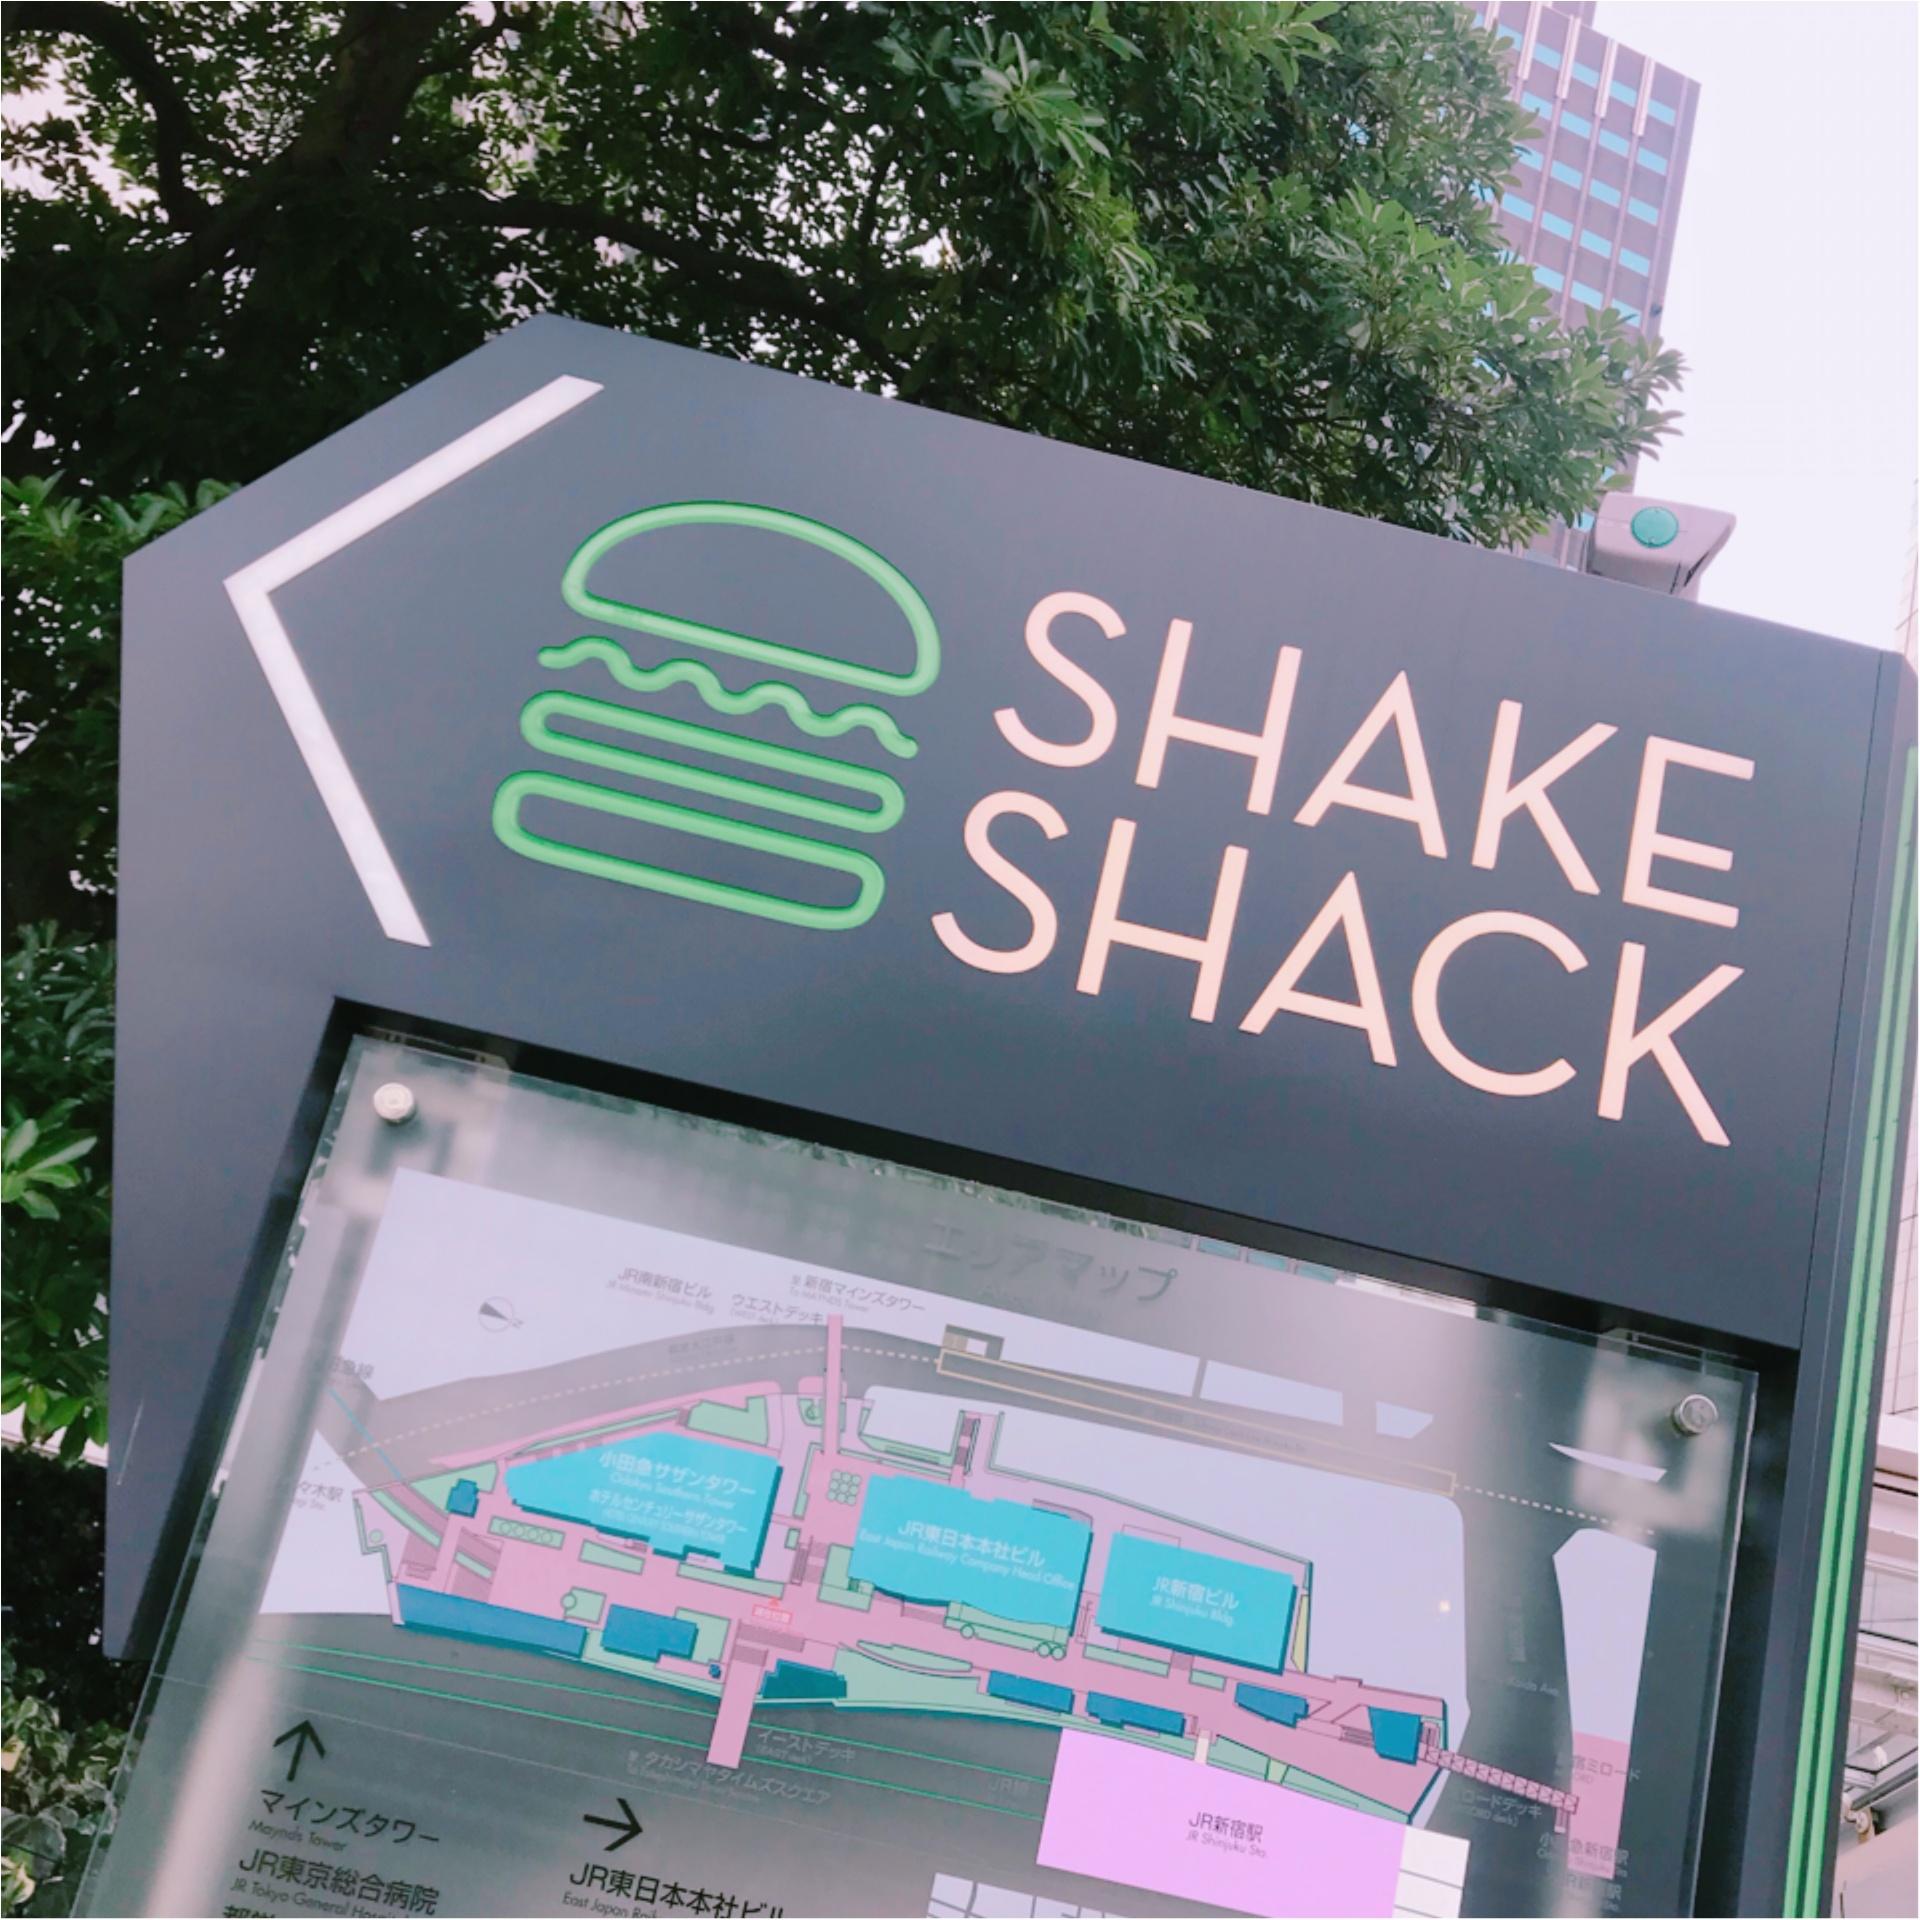 【NY発祥】おしゃれで素材にこだわる絶品ハンバーガーを東京で♡シェイクシャック☝︎☝︎_1